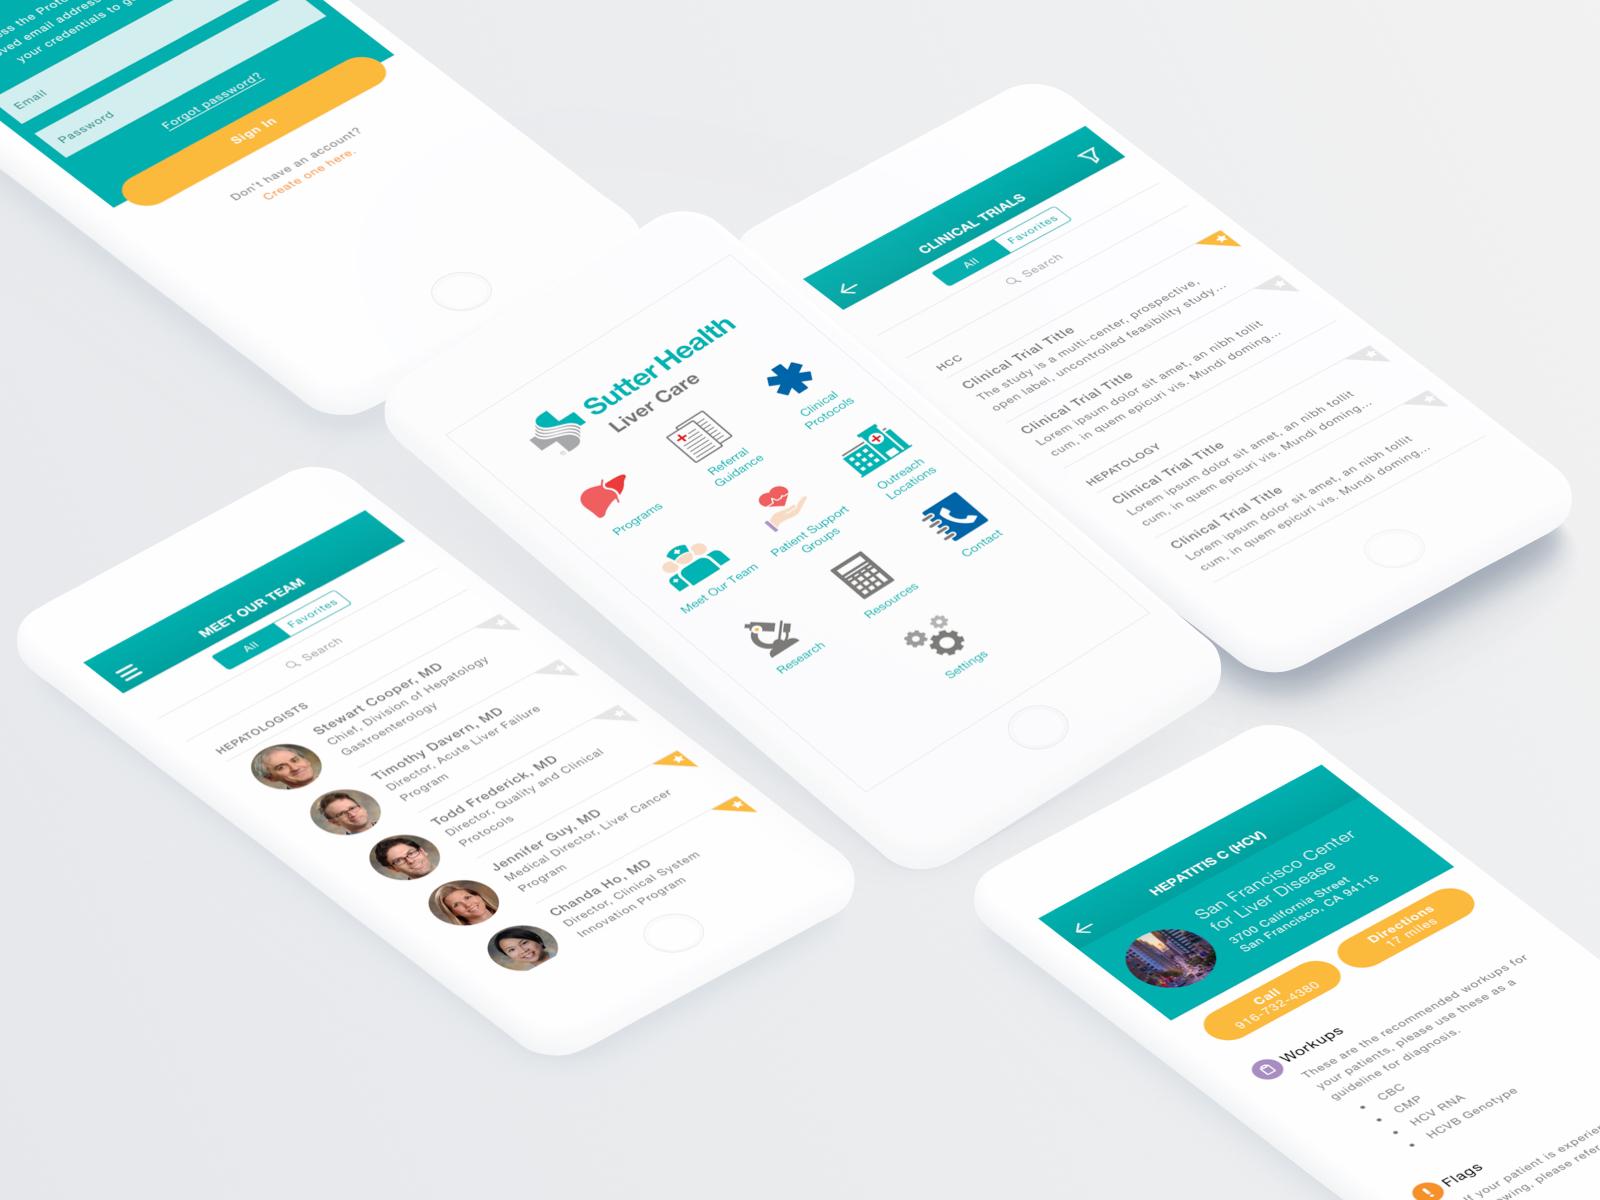 Sutter Liver Care App